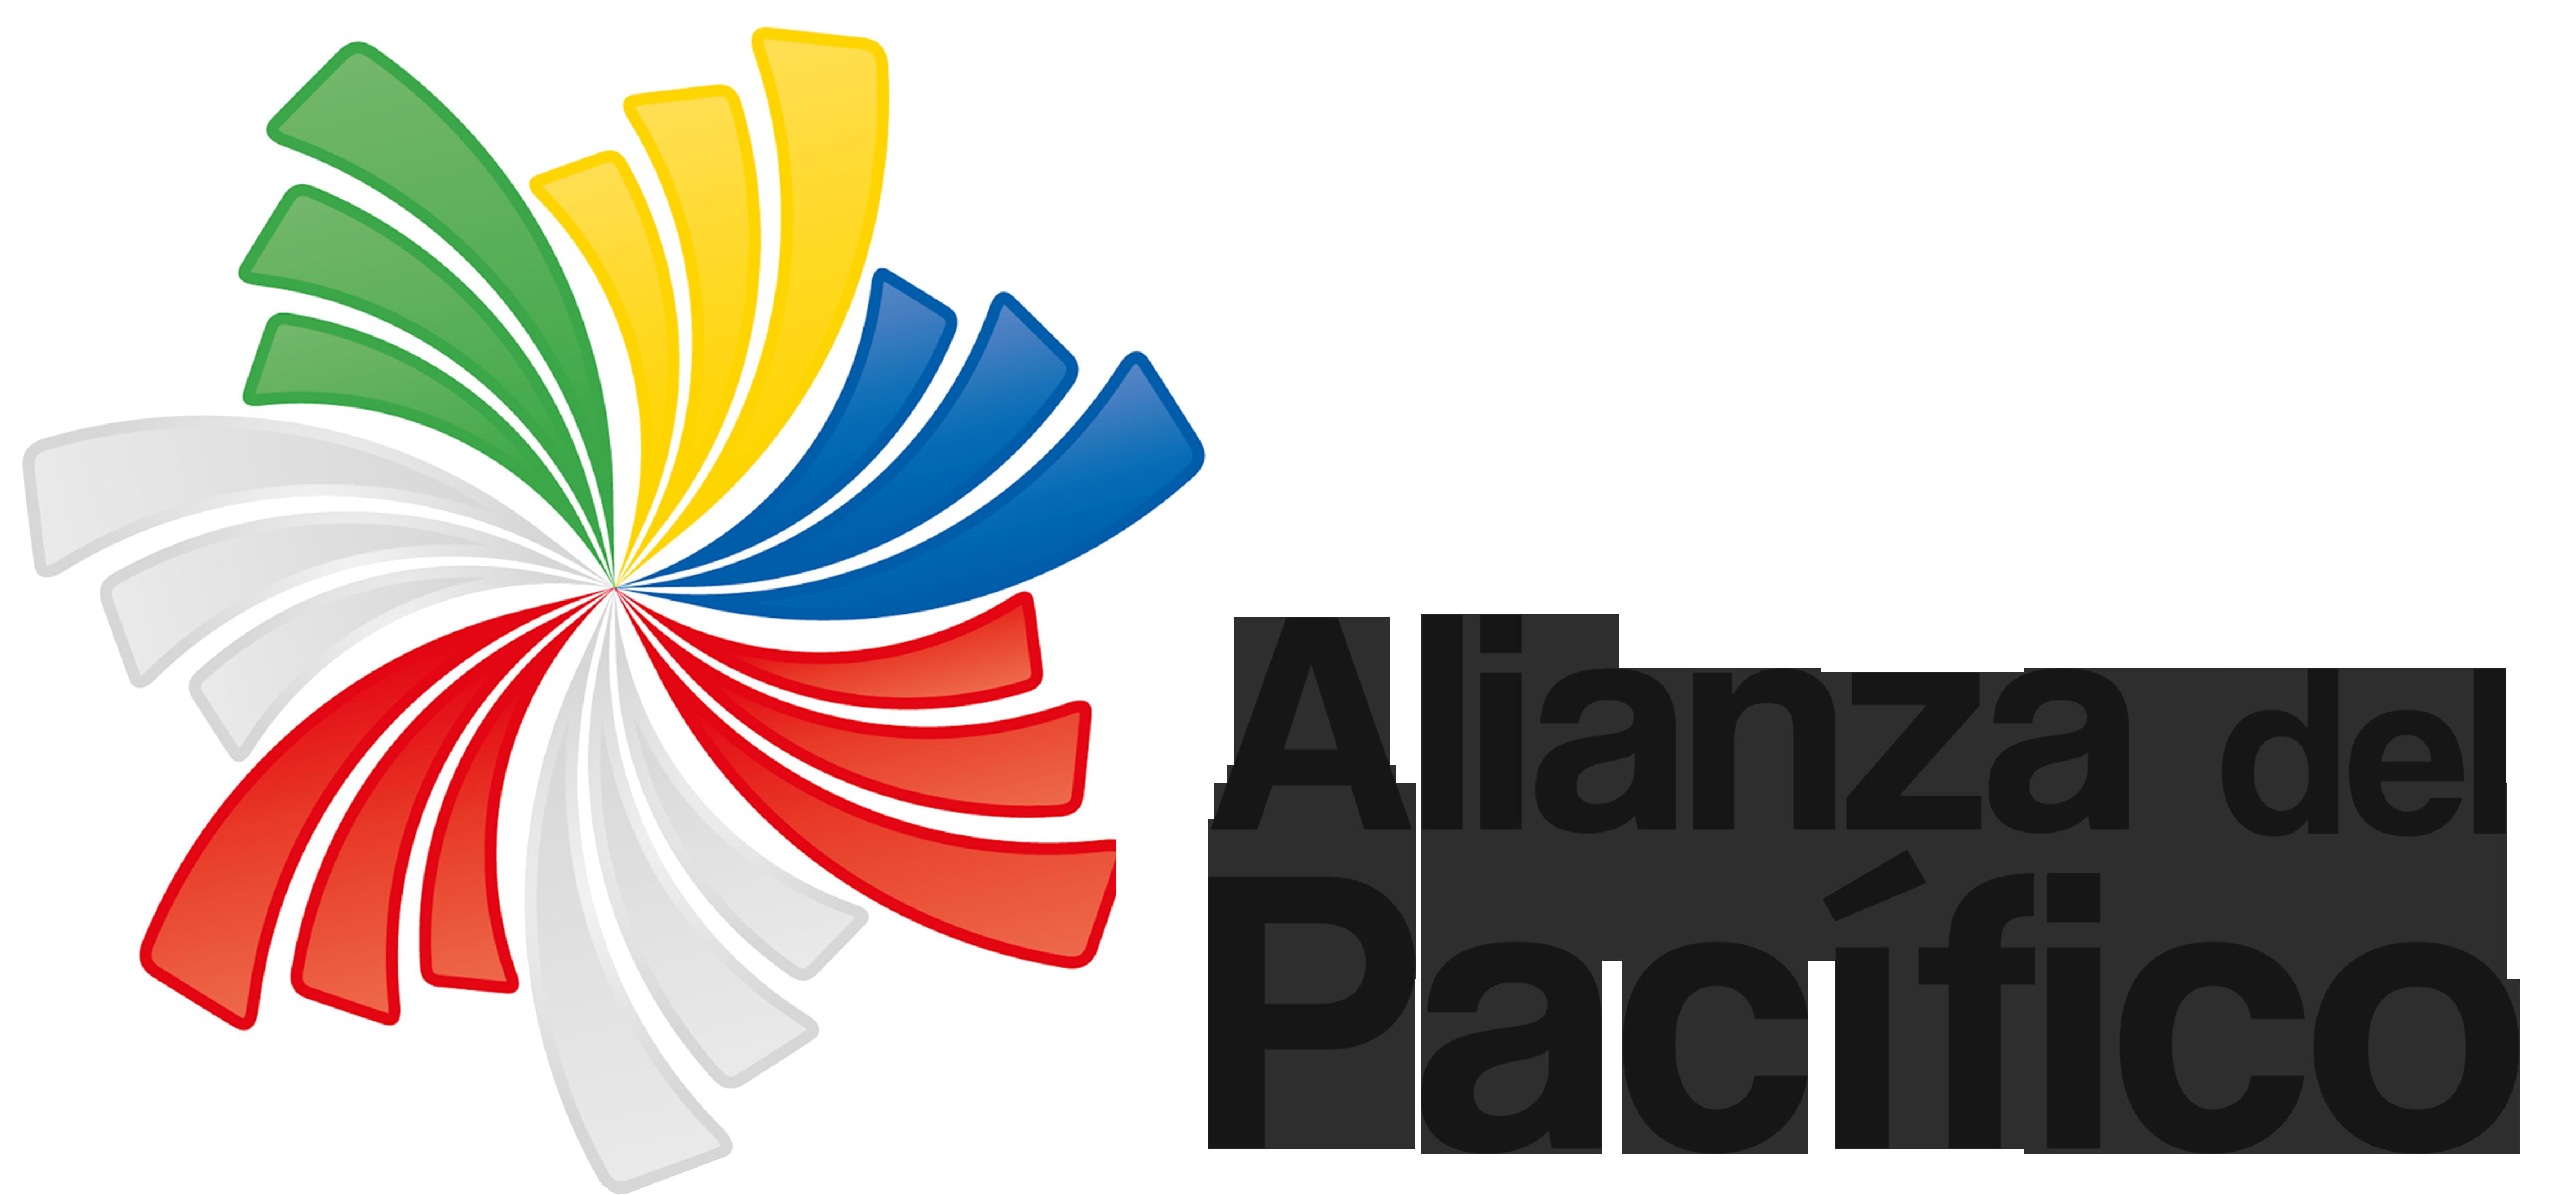 Las amplias miras de la Alianza del Pacífico